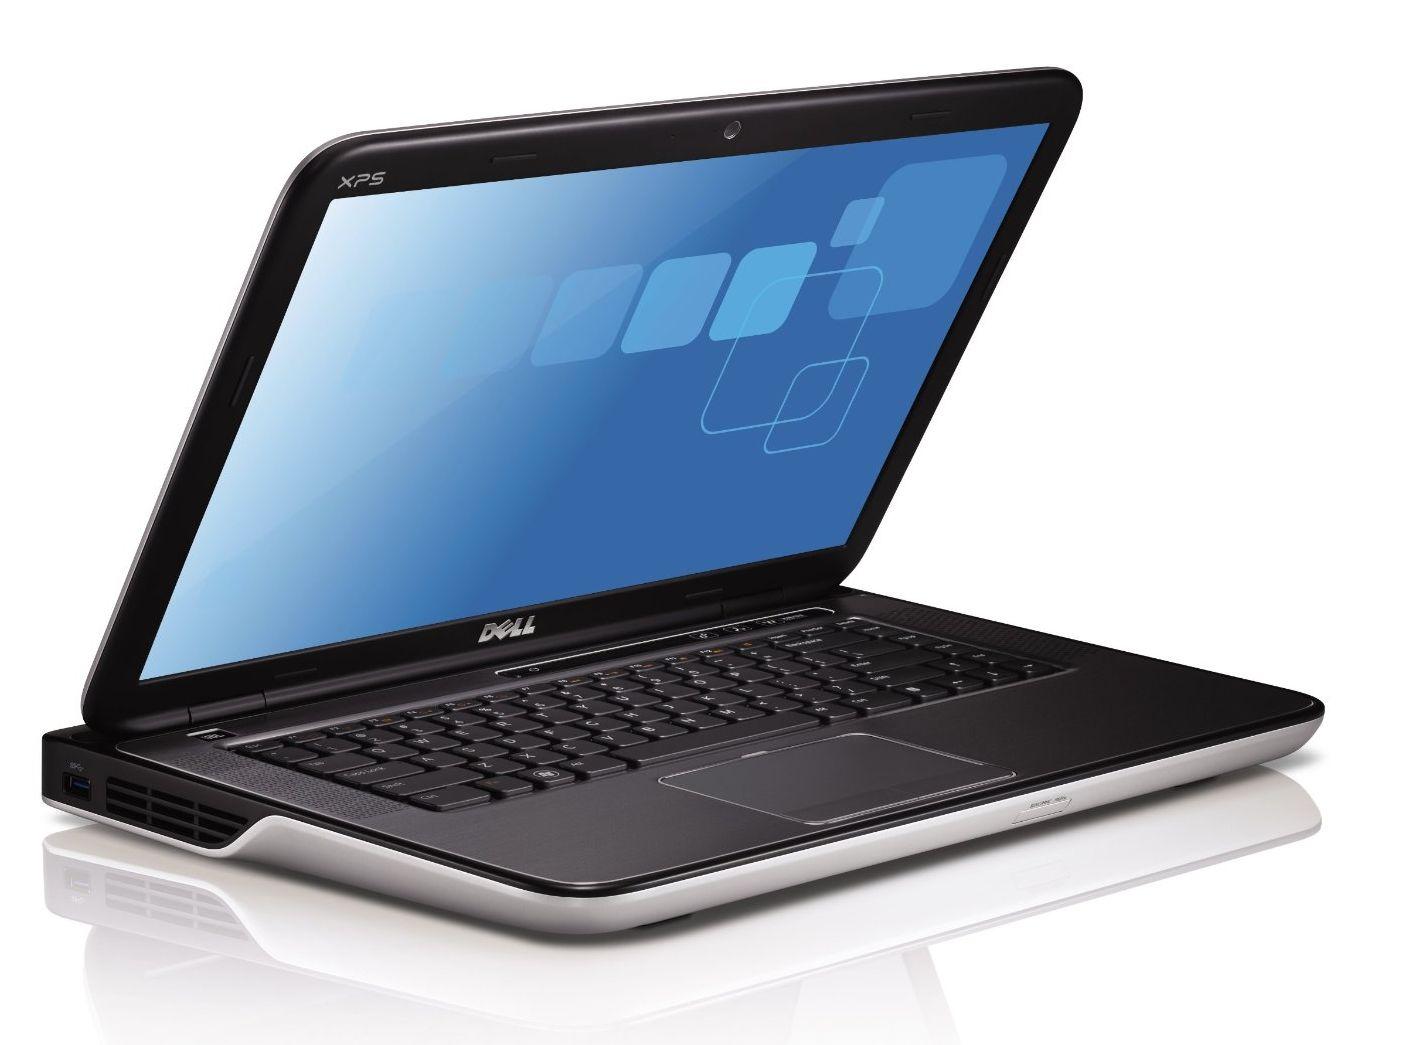 Dell XPS L502x i7-2670QM